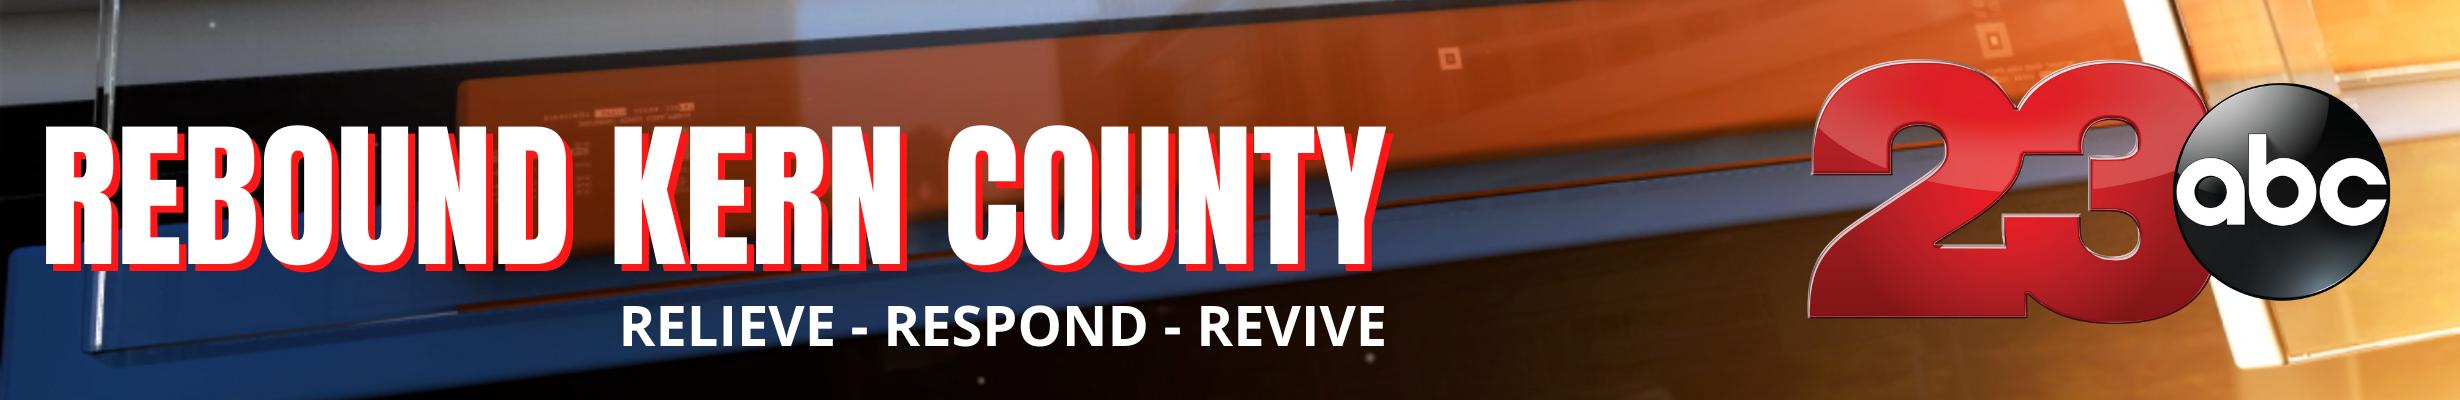 Rebound Kern County